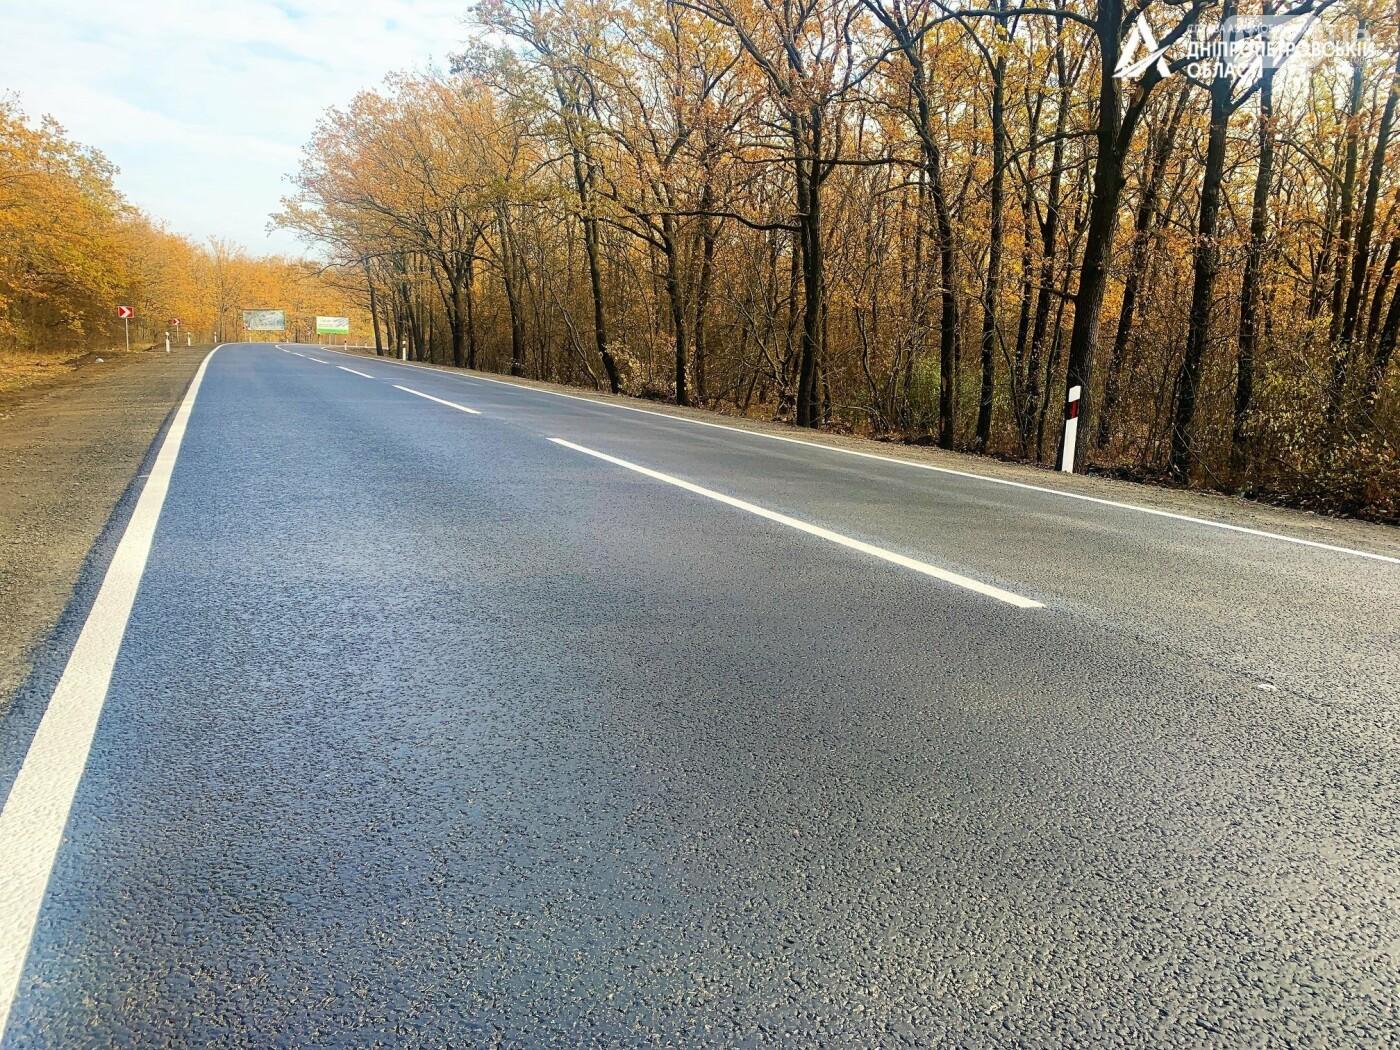 Завершается ремонт трассы Кривой Рог - Николаев  - дорожники наносят разметку и устанавливают знаки, - ФОТО , фото-3